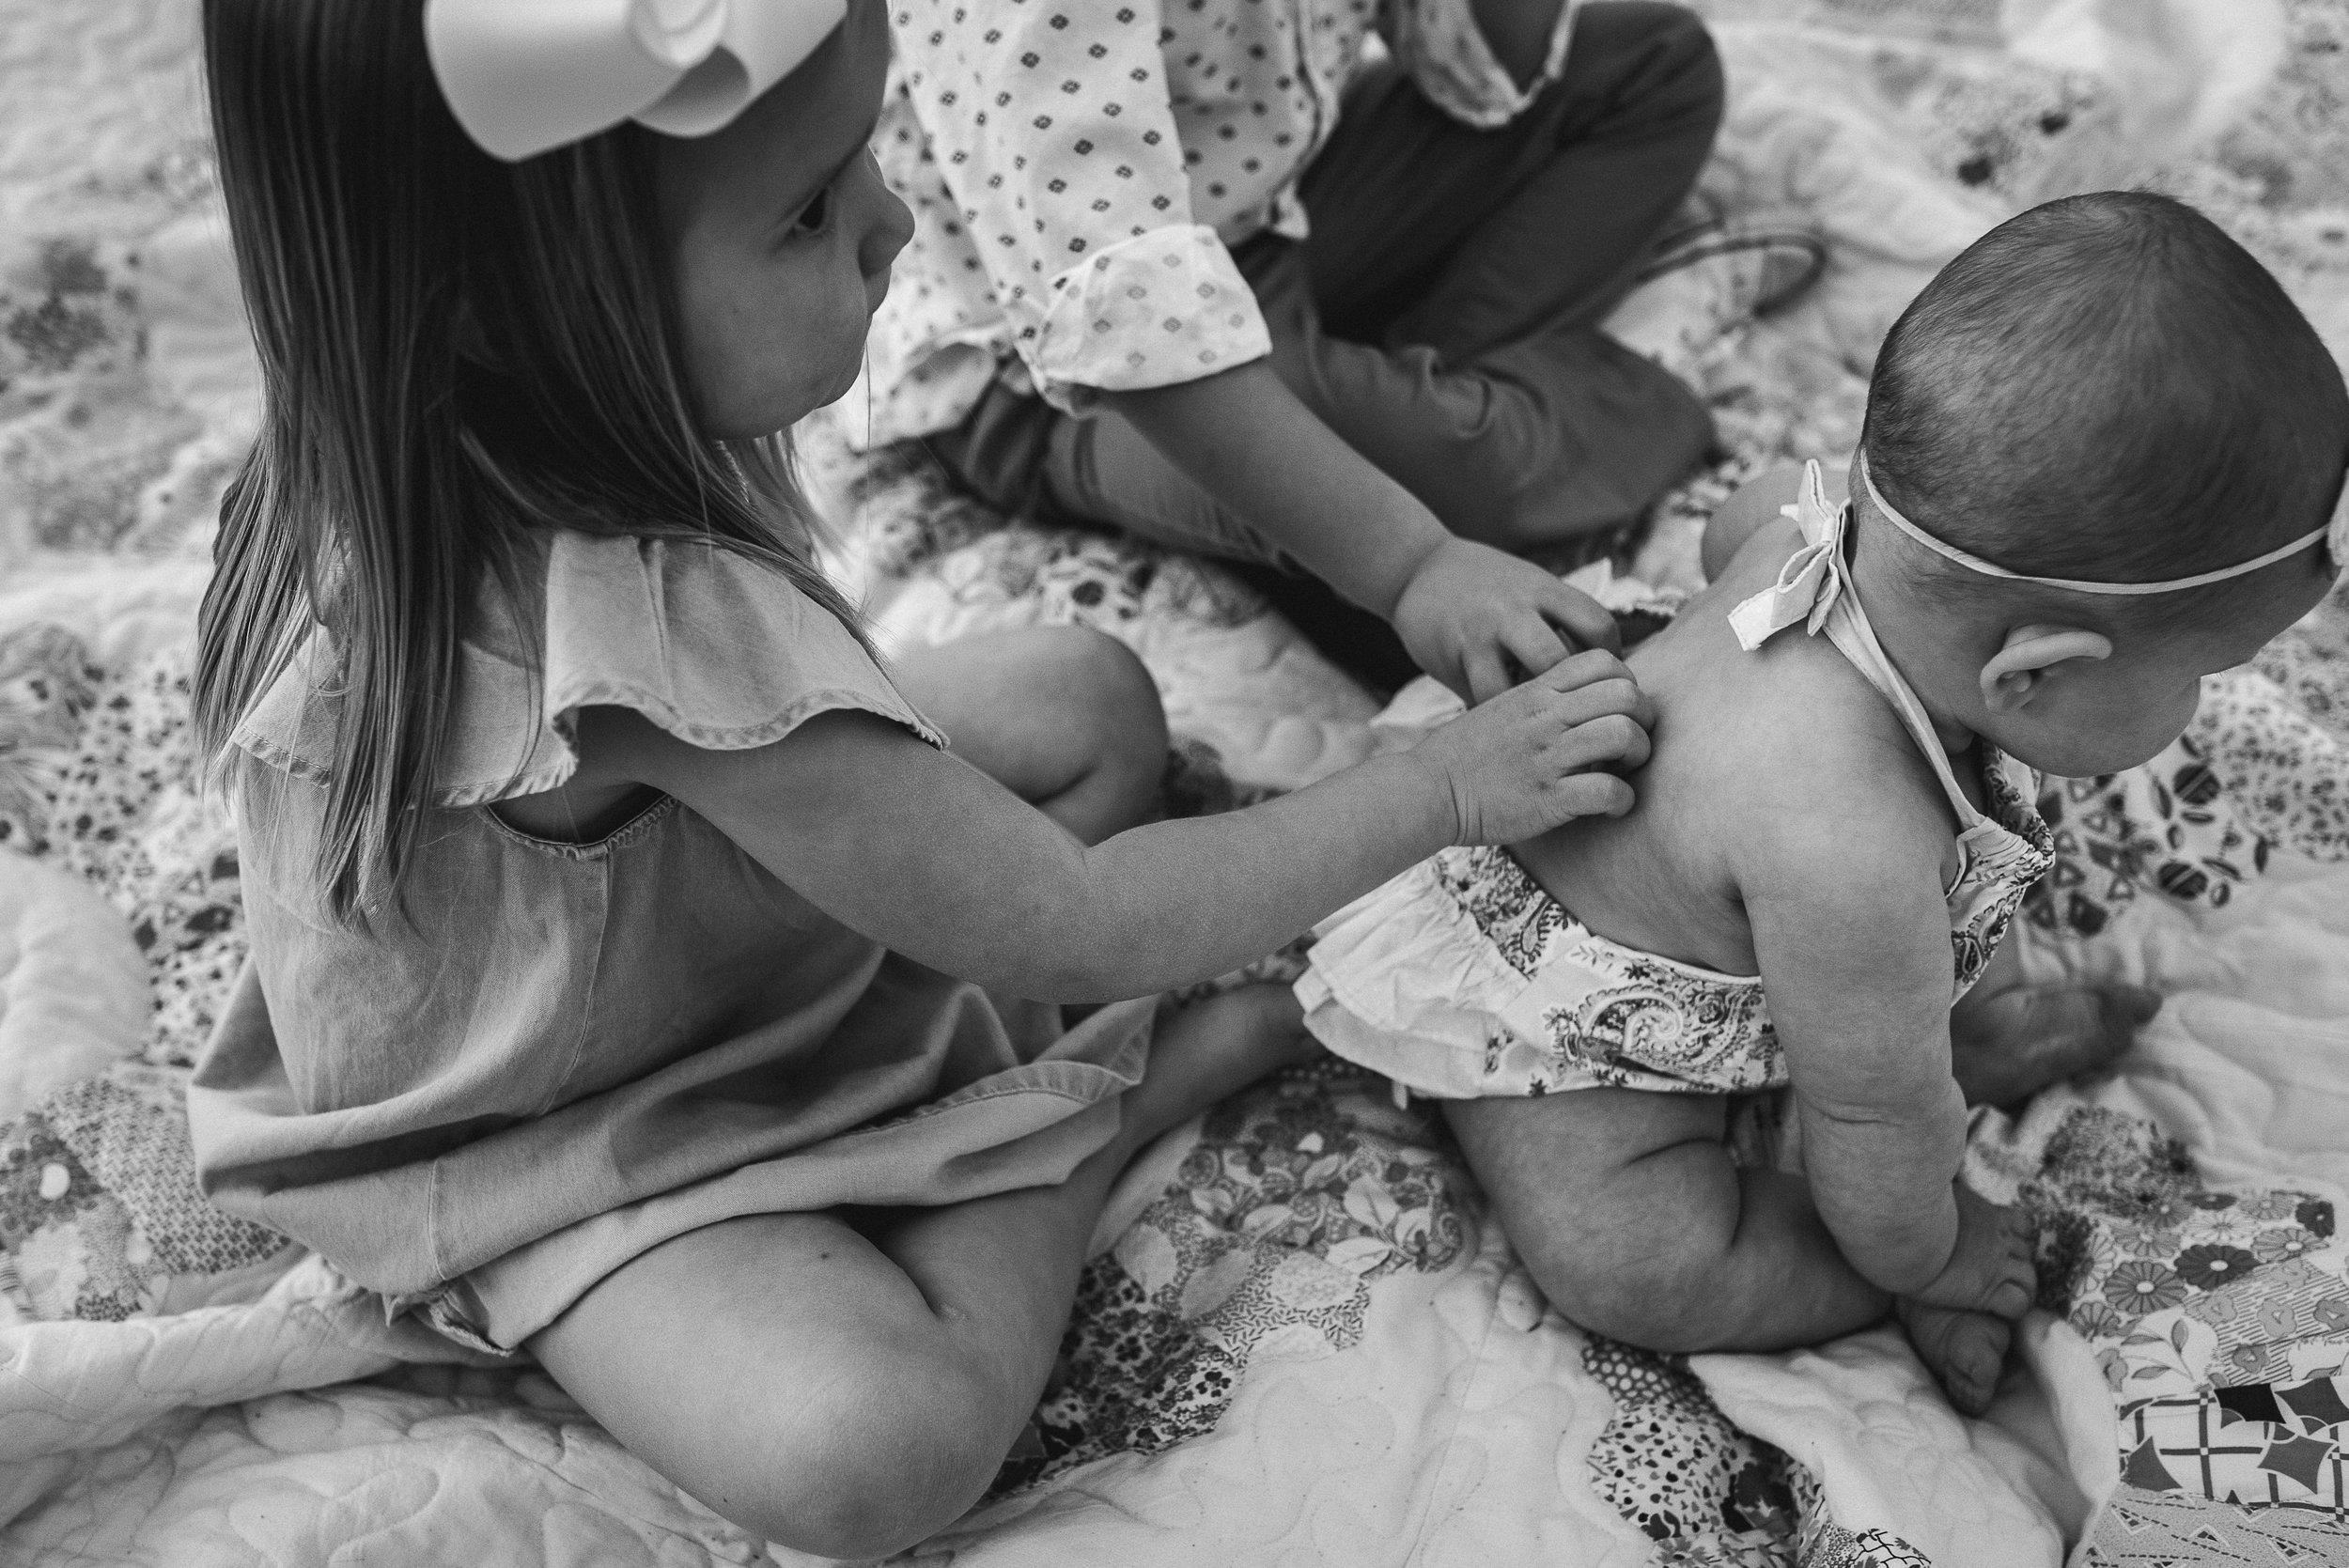 siblings scratching baby sister's back